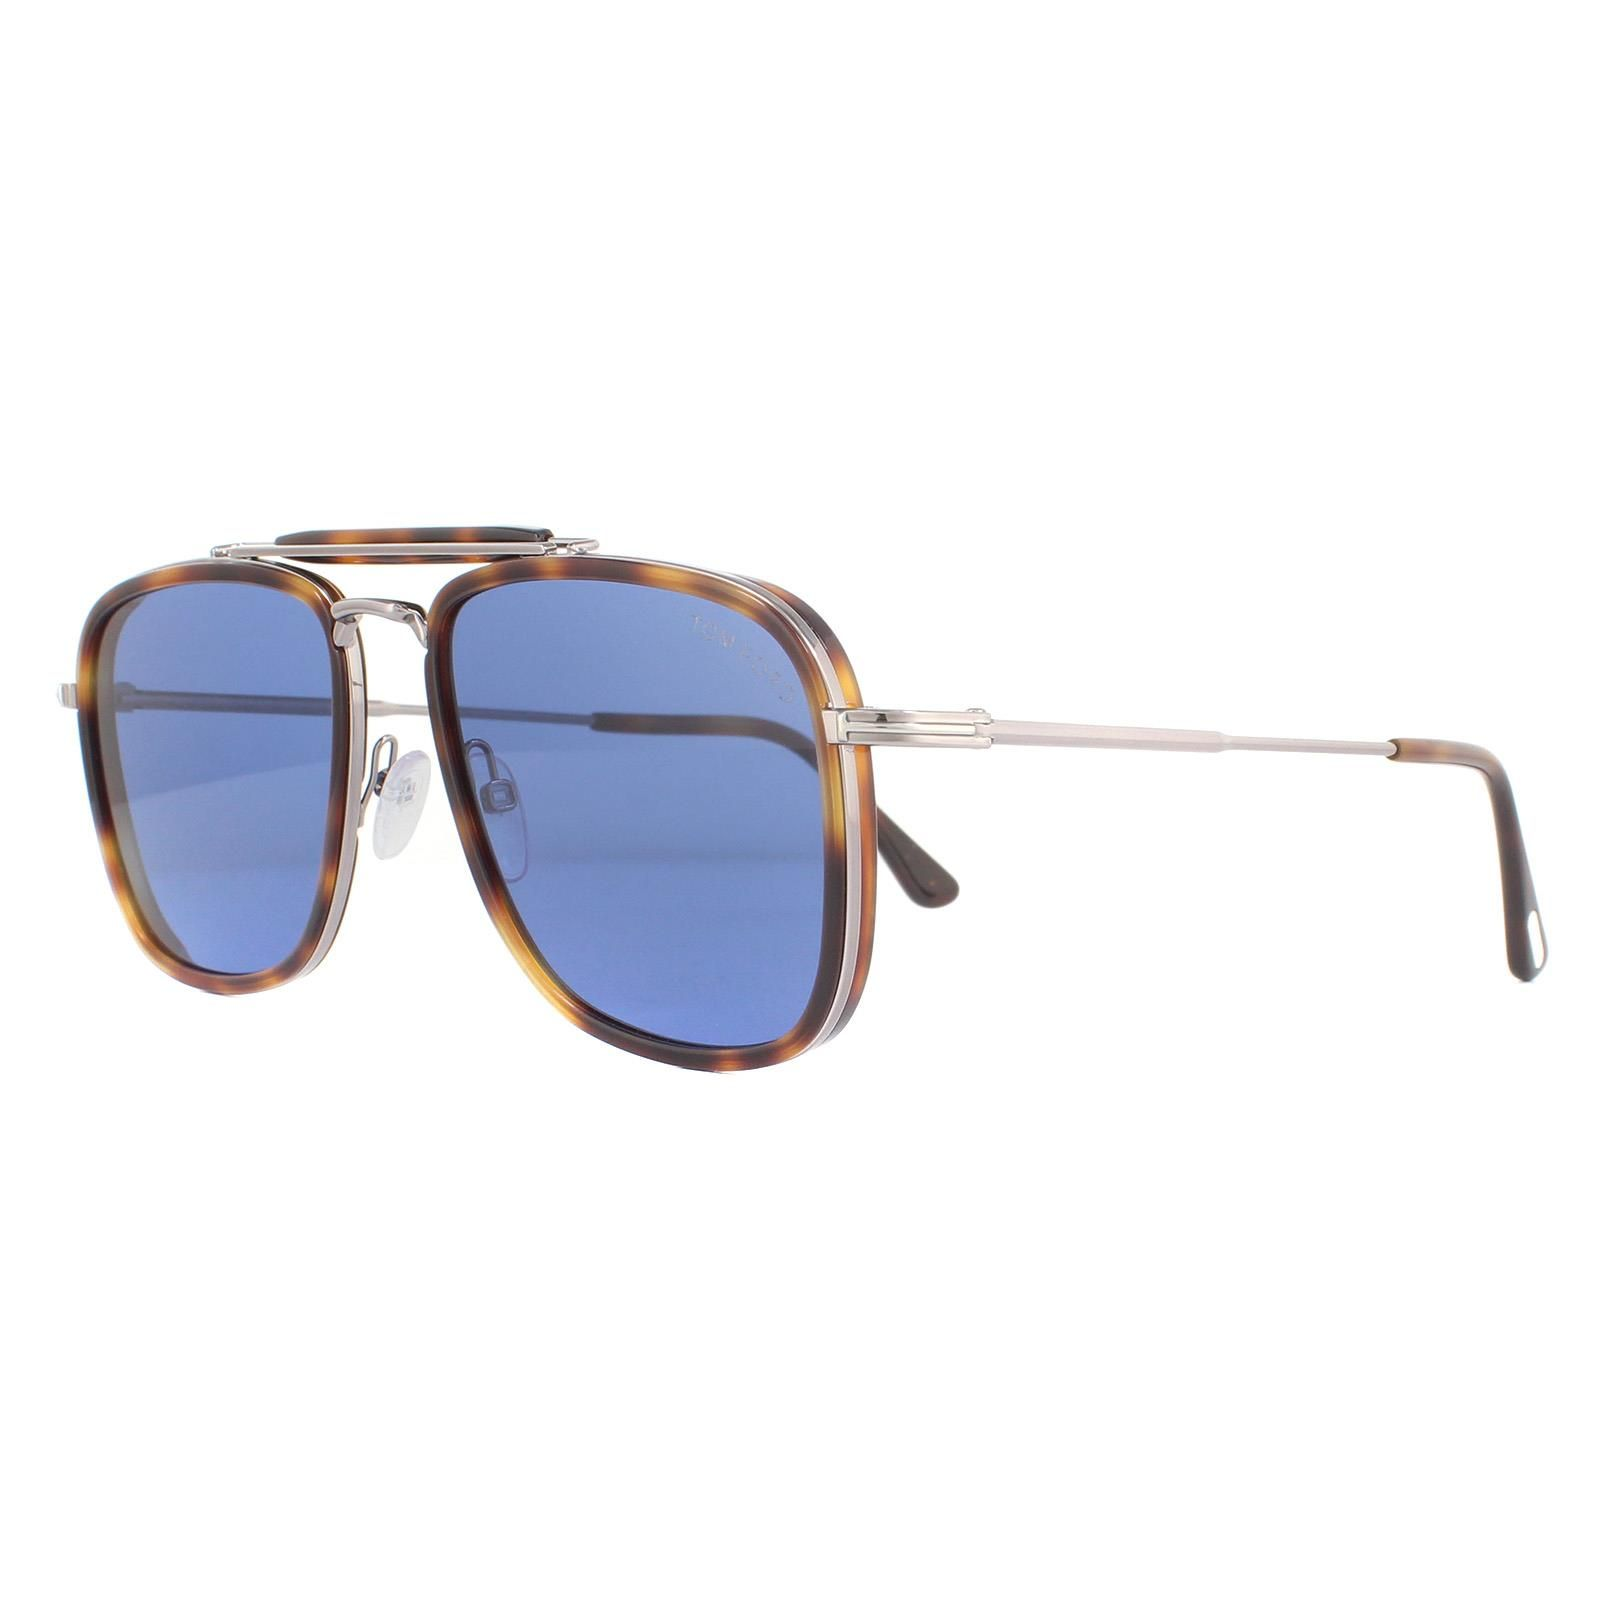 Tom Ford Sunglasses Huck FT0665 53V Blonde Havana Blue